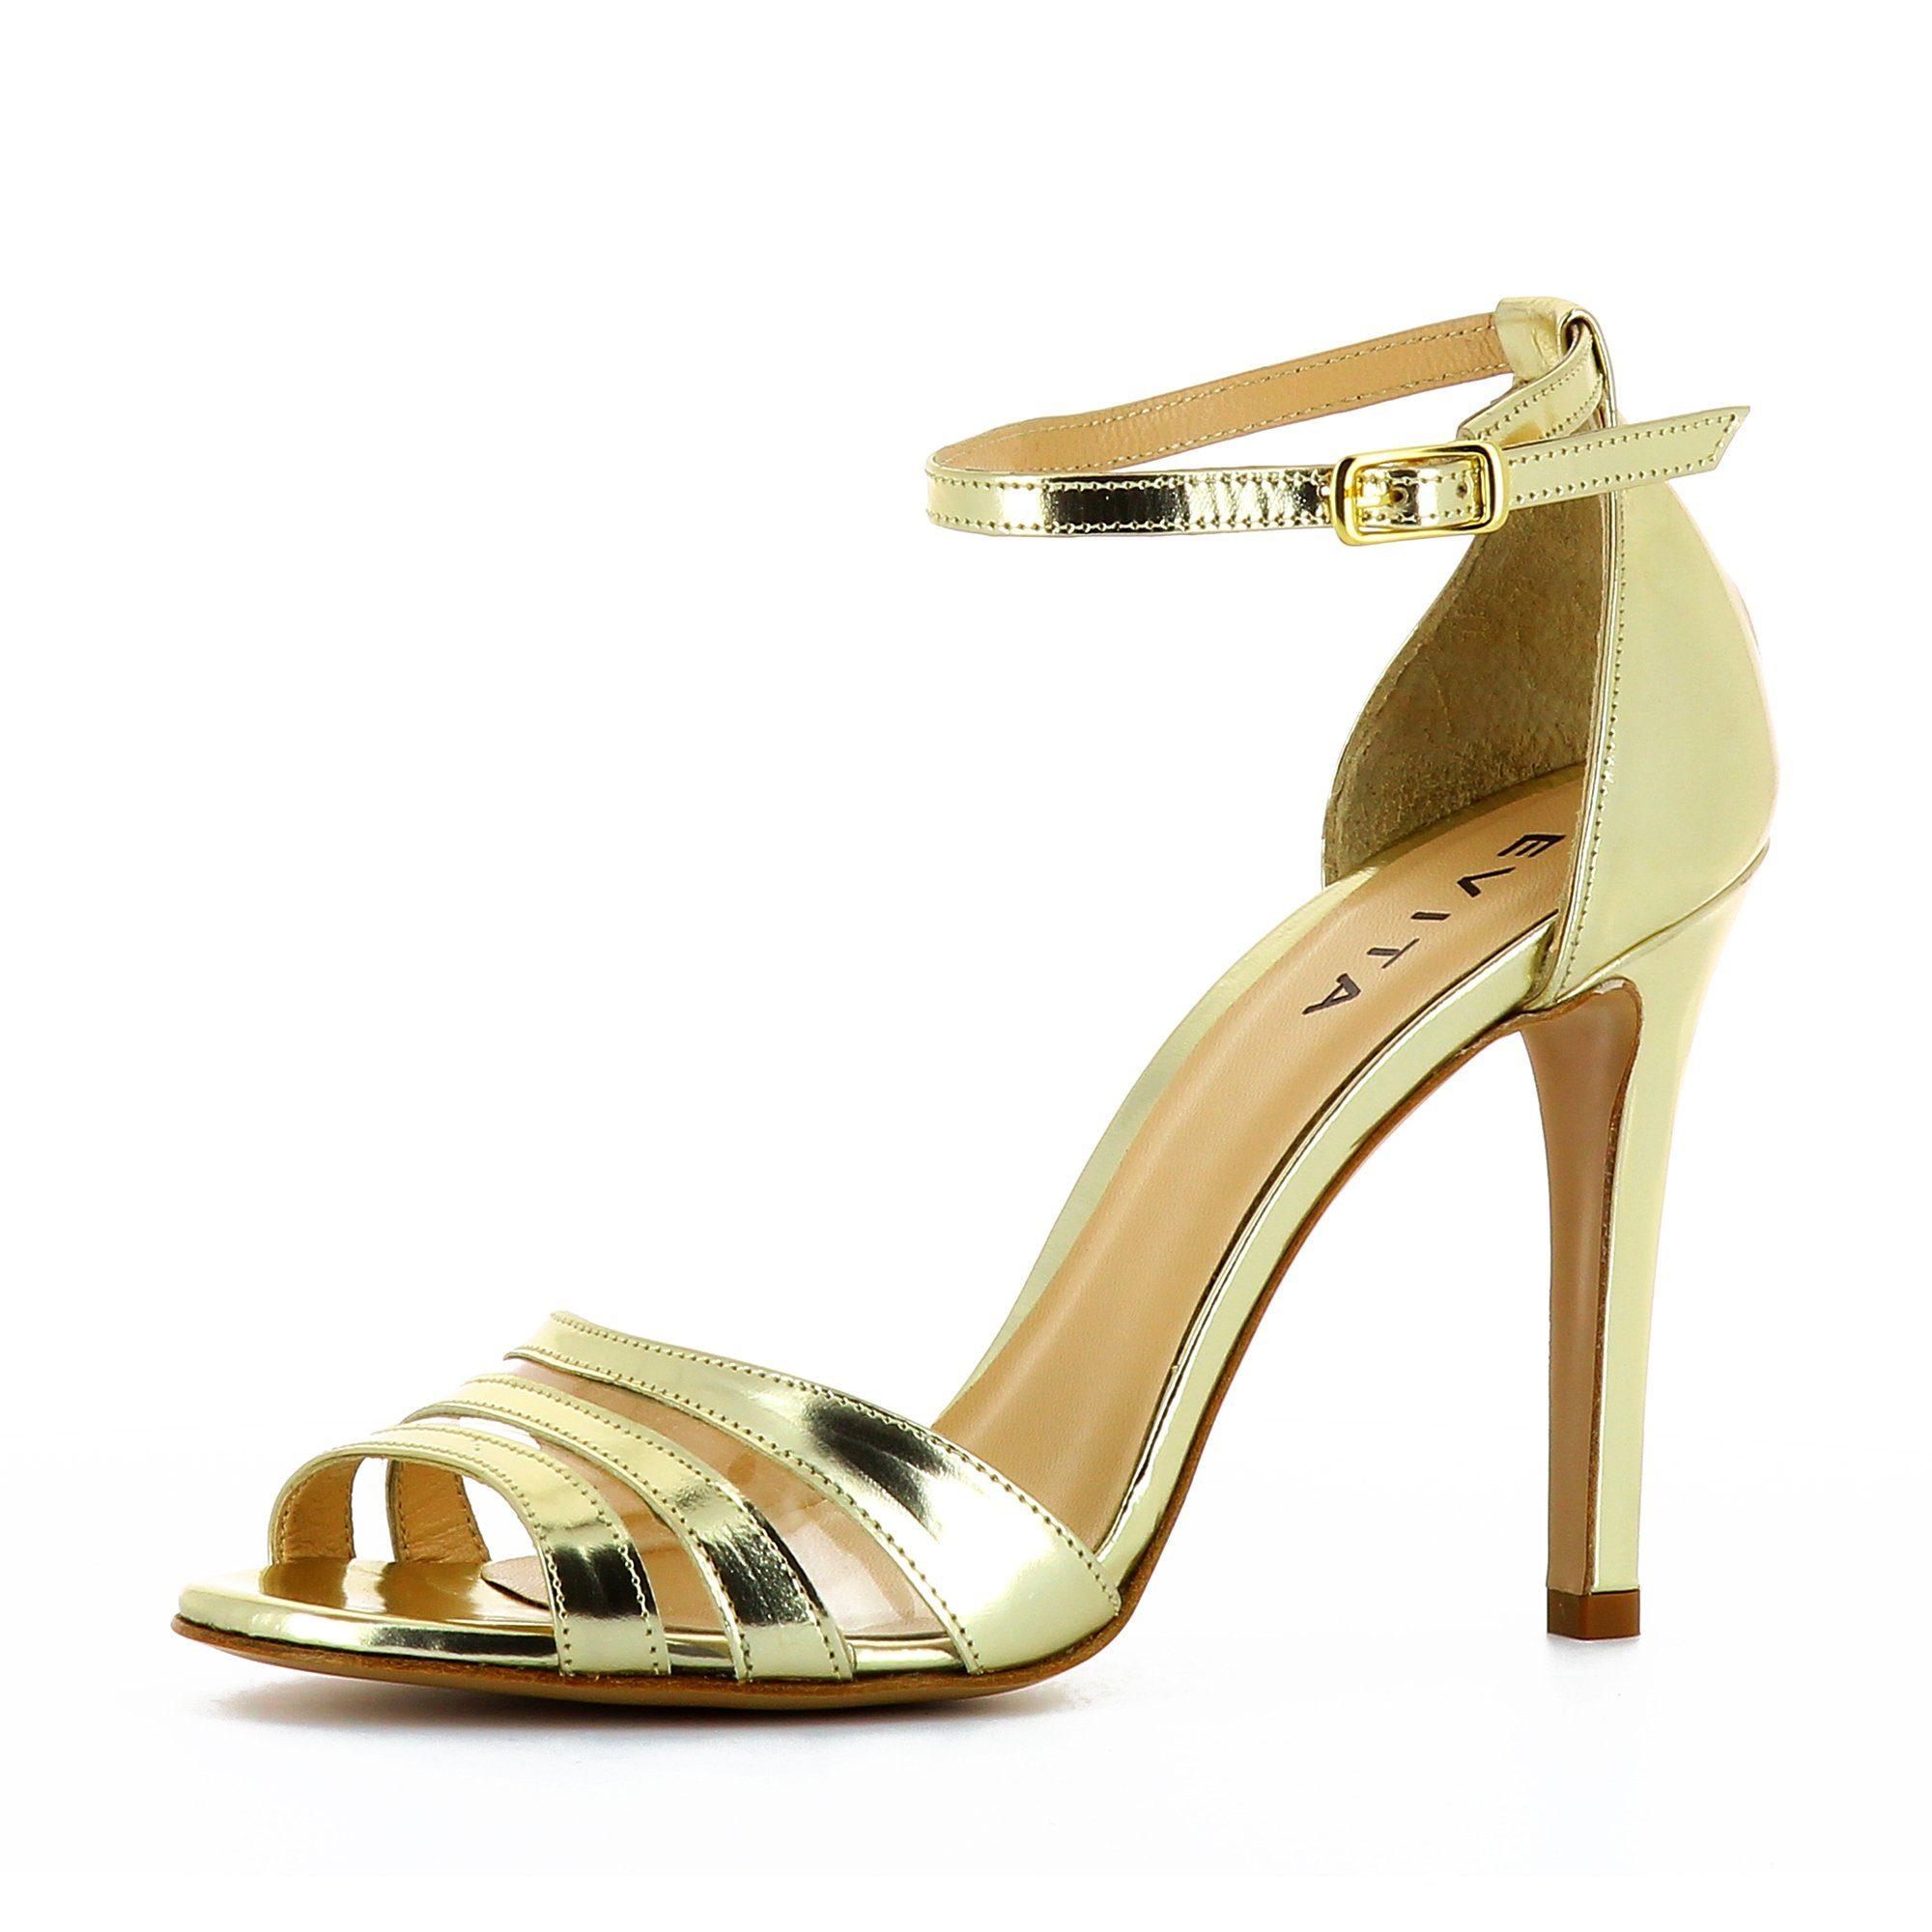 Evita »CRISTINA« Riemchensandalette, goldfarben, goldfarben